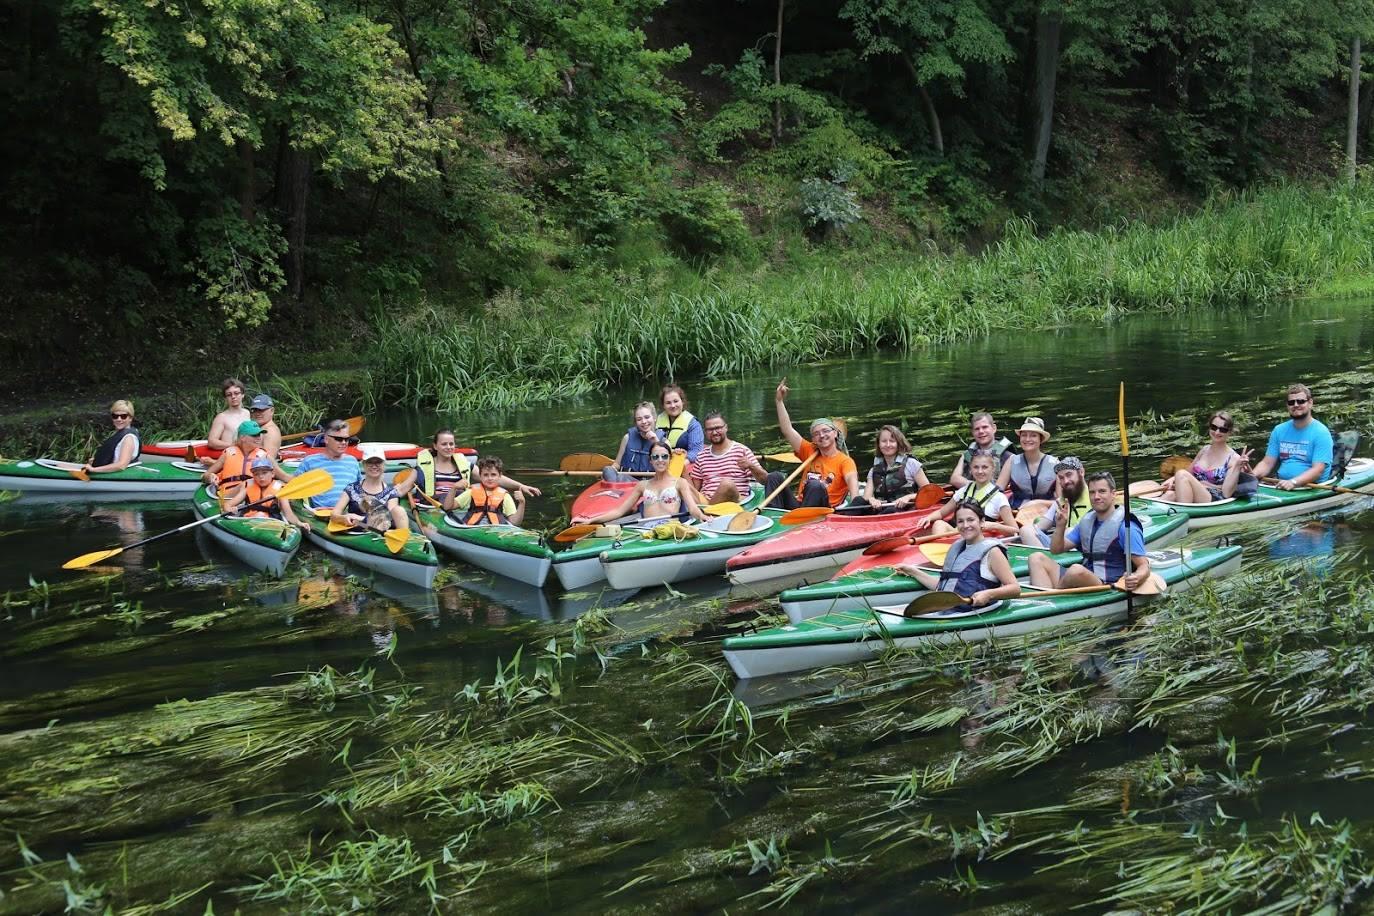 Uczestnicy zorganizowanego przez nas spływu